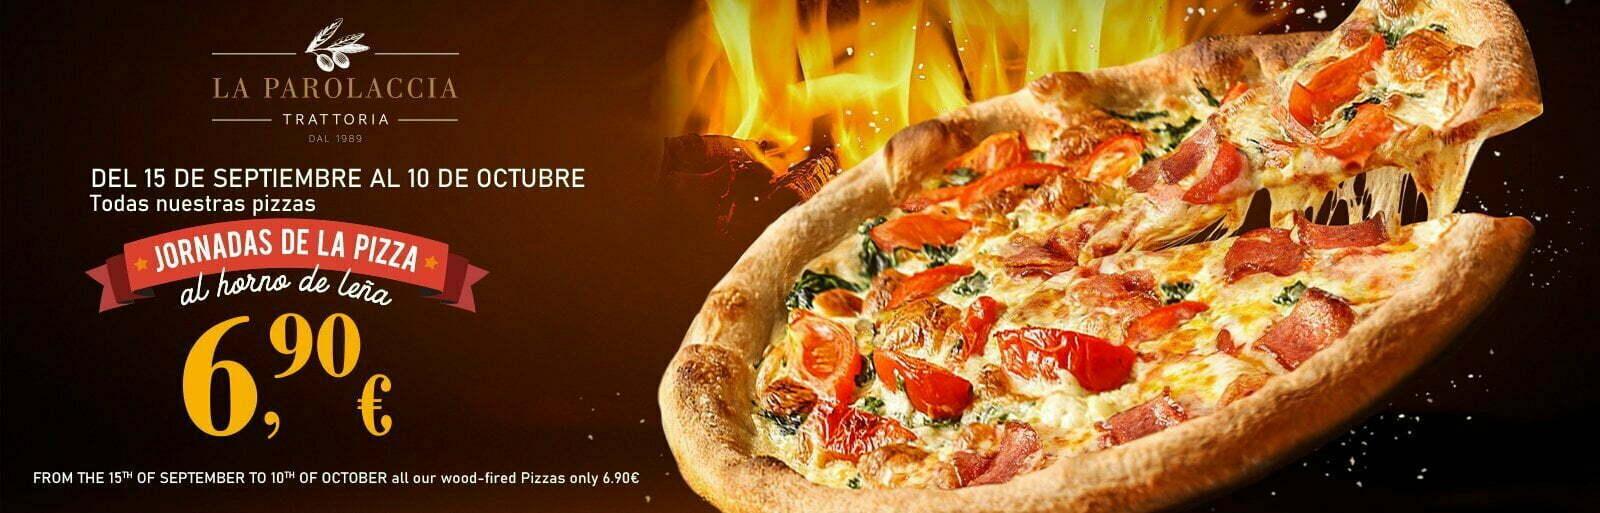 pizza promo parolaccia